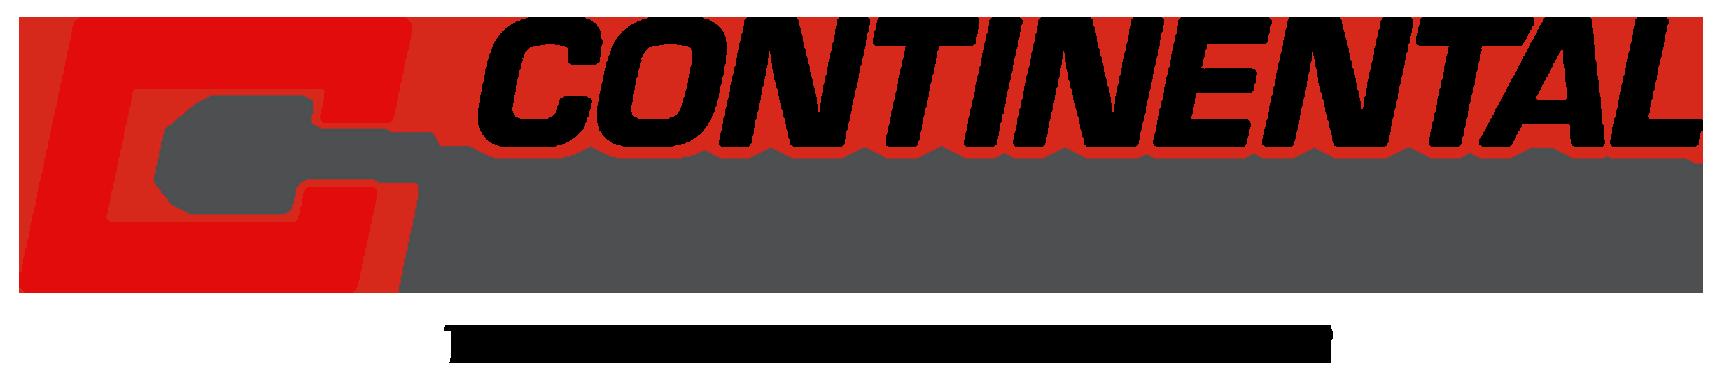 ROB280-23501-07